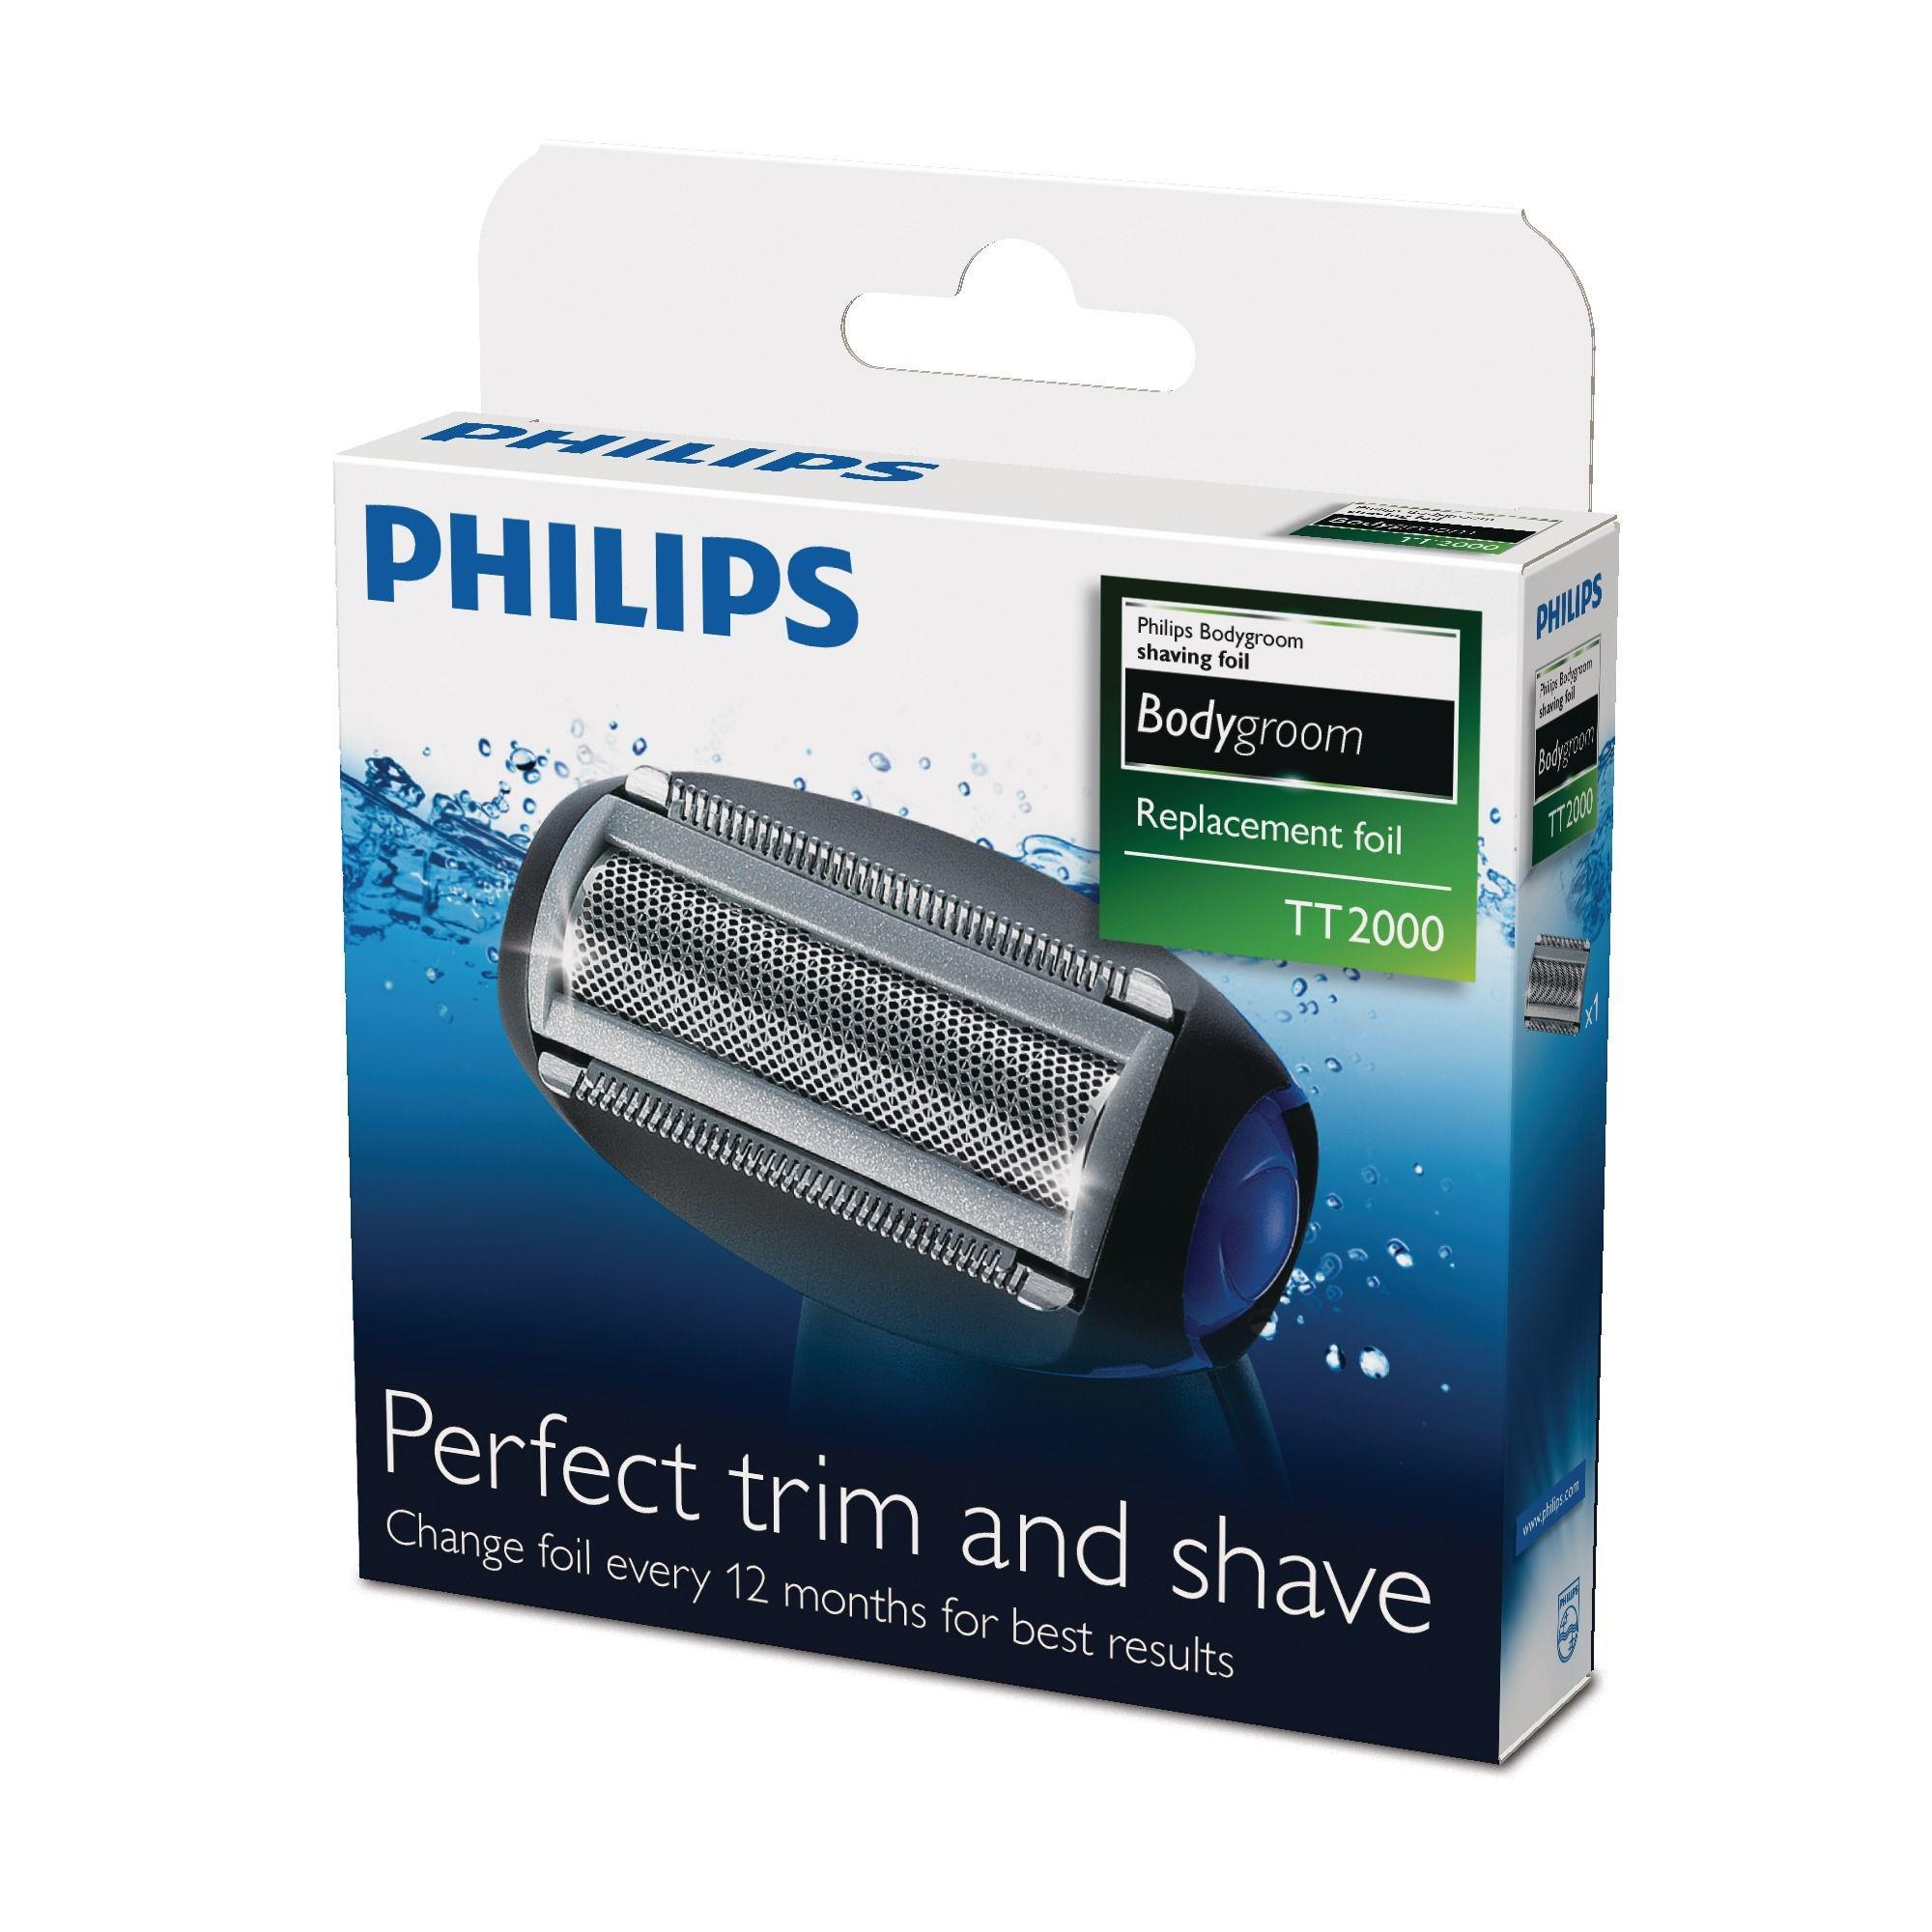 Korting Philips TT2000 43 scheerhoofden